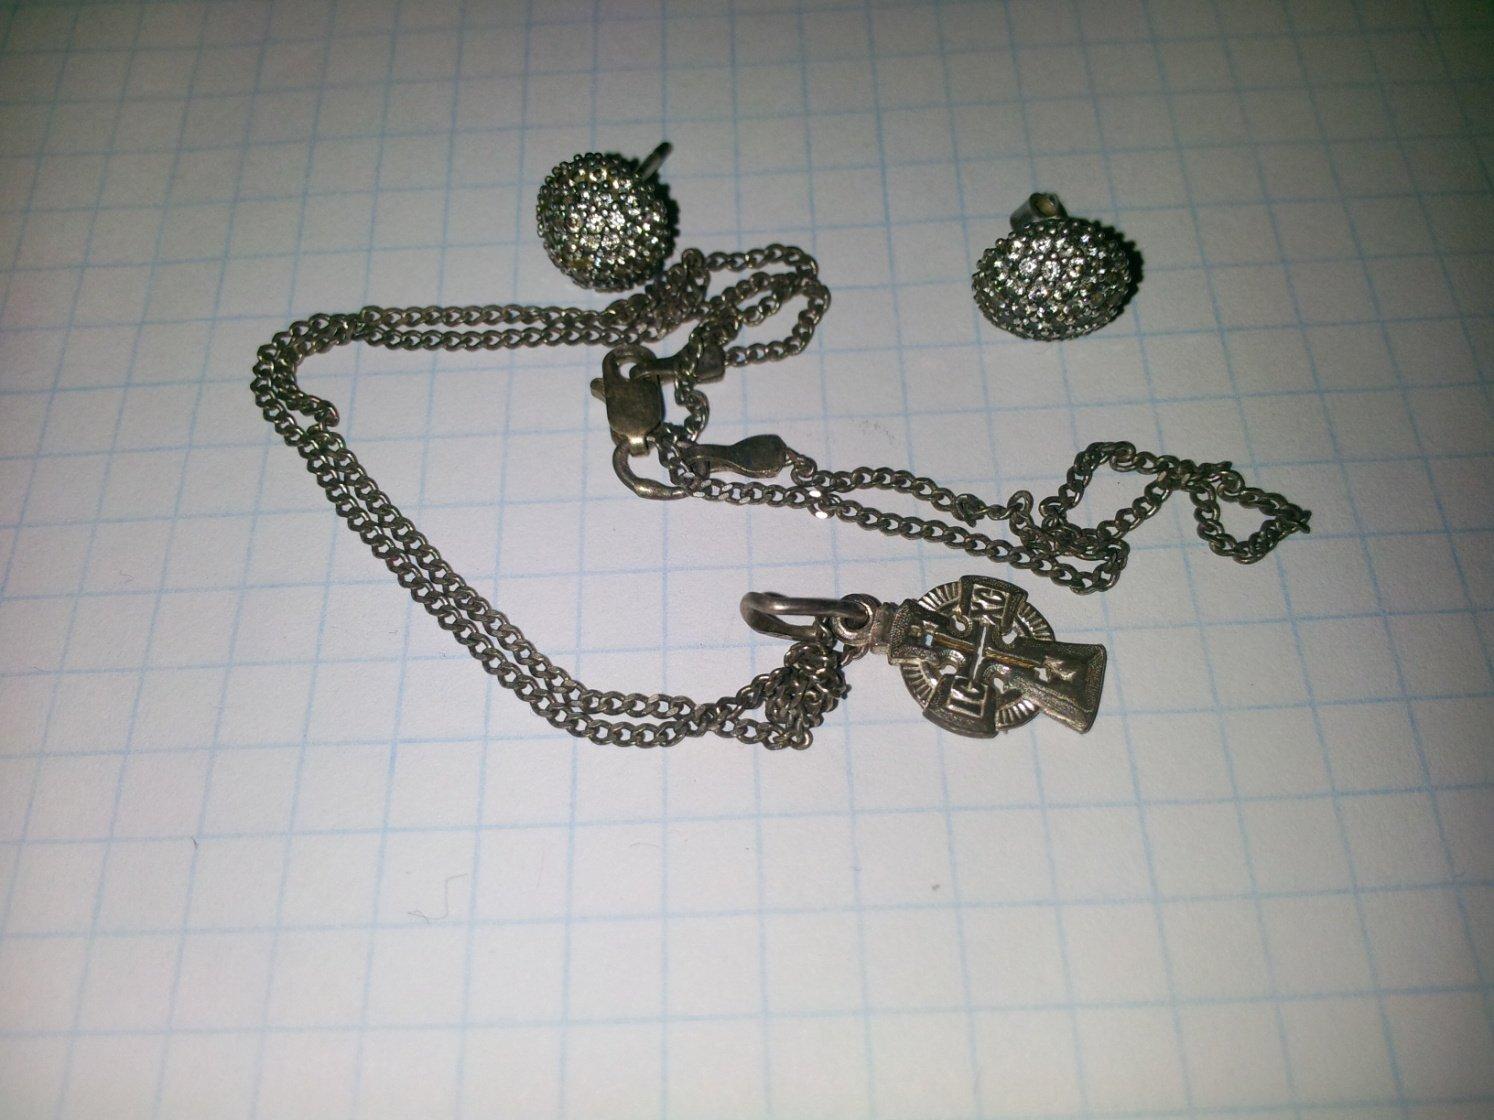 Как чистить серебро с камнями (серьги, кольца) в домашних условиях